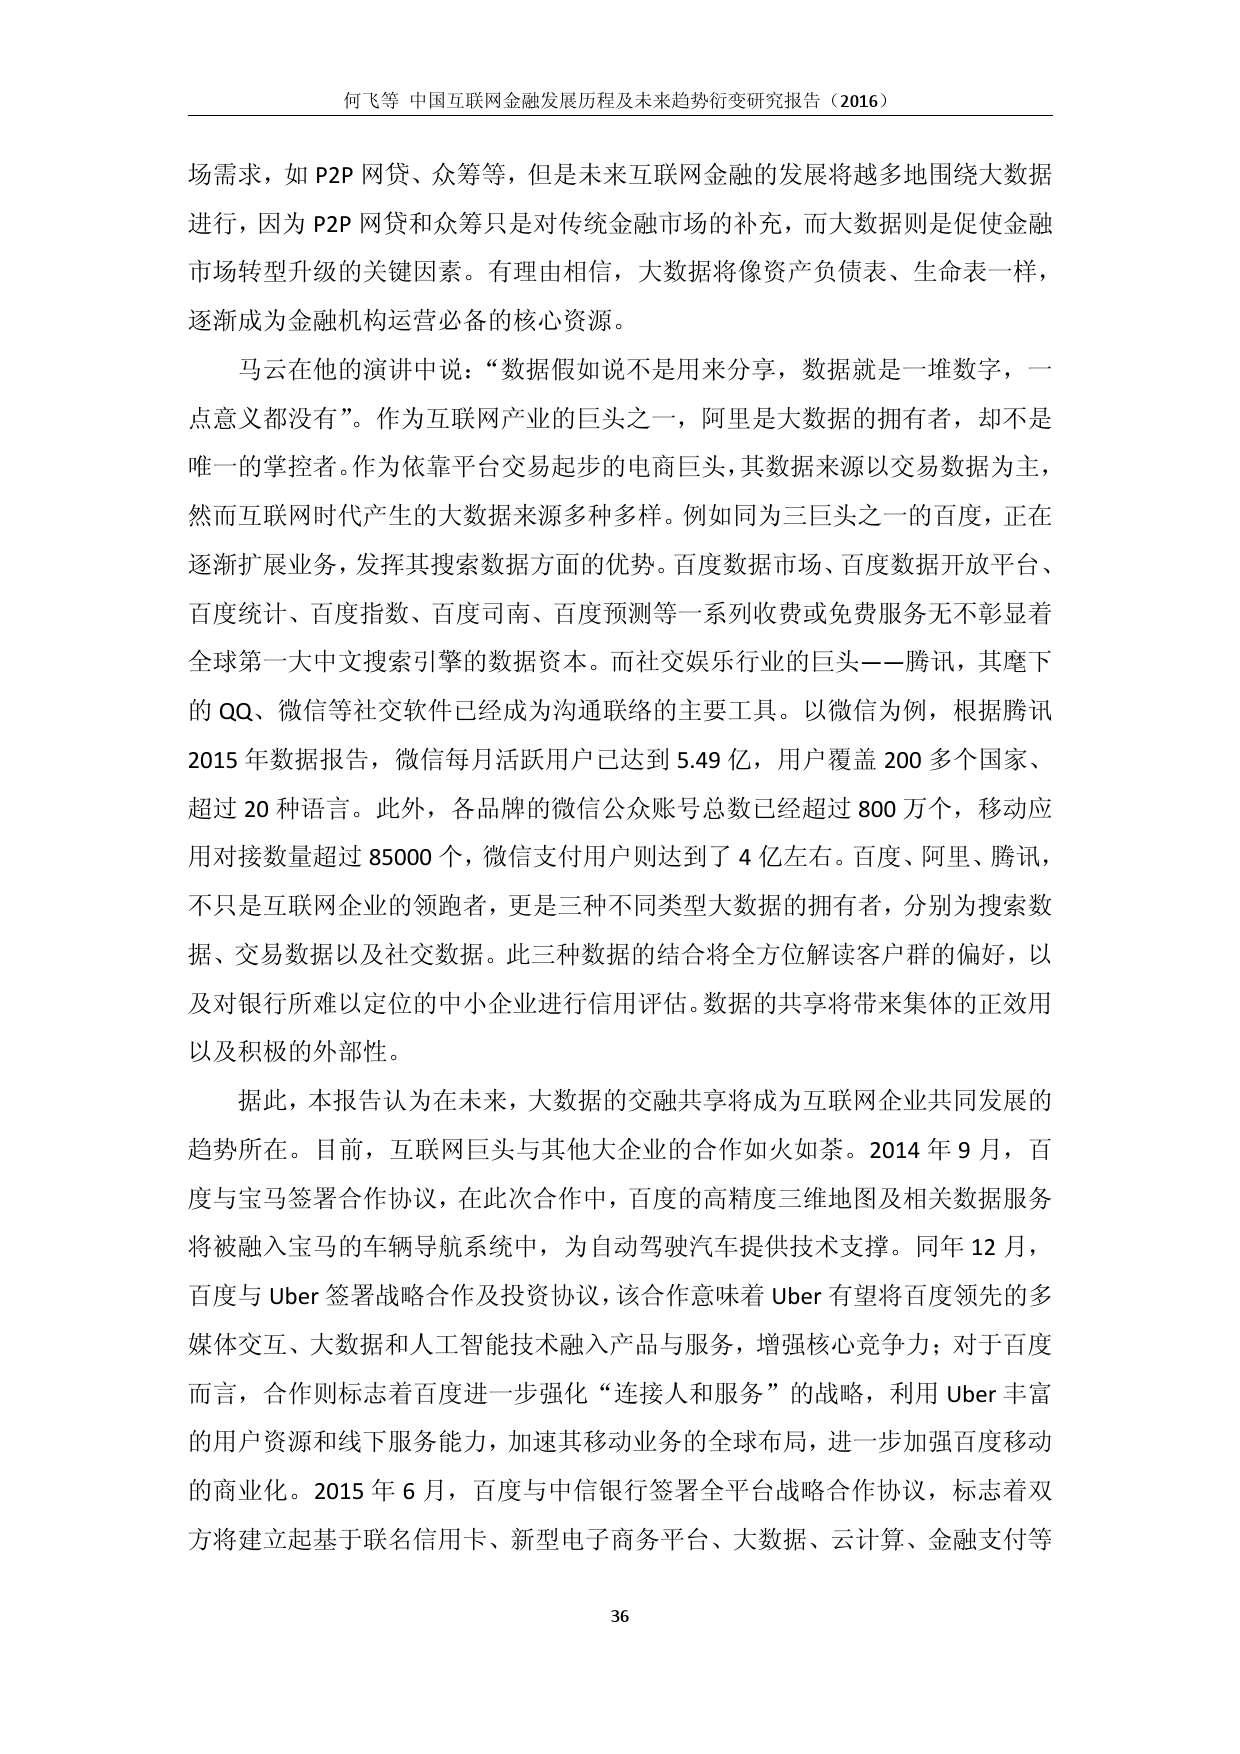 中国互联网金融发展历程及未来趋势衍变研究报告(2016)_000041